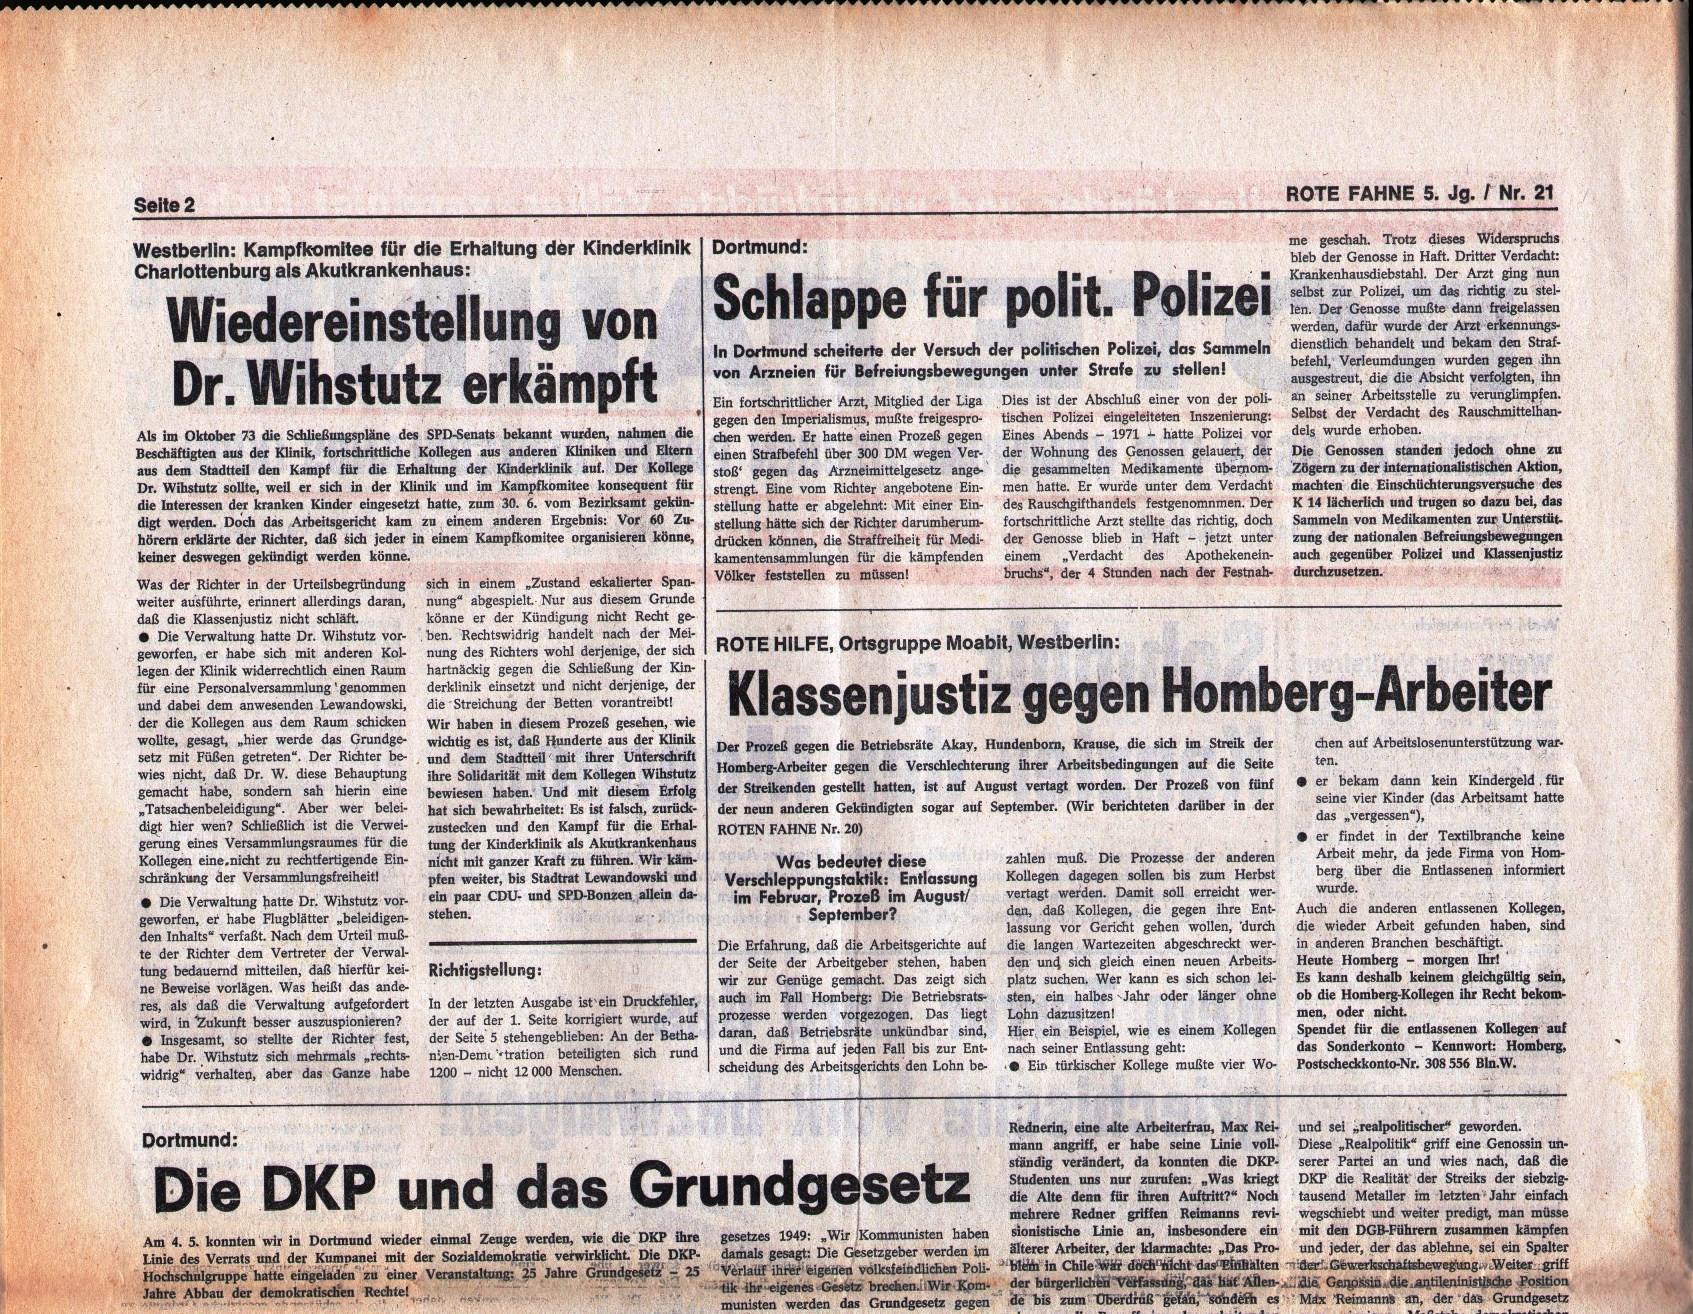 KPD_Rote_Fahne_1974_21_03